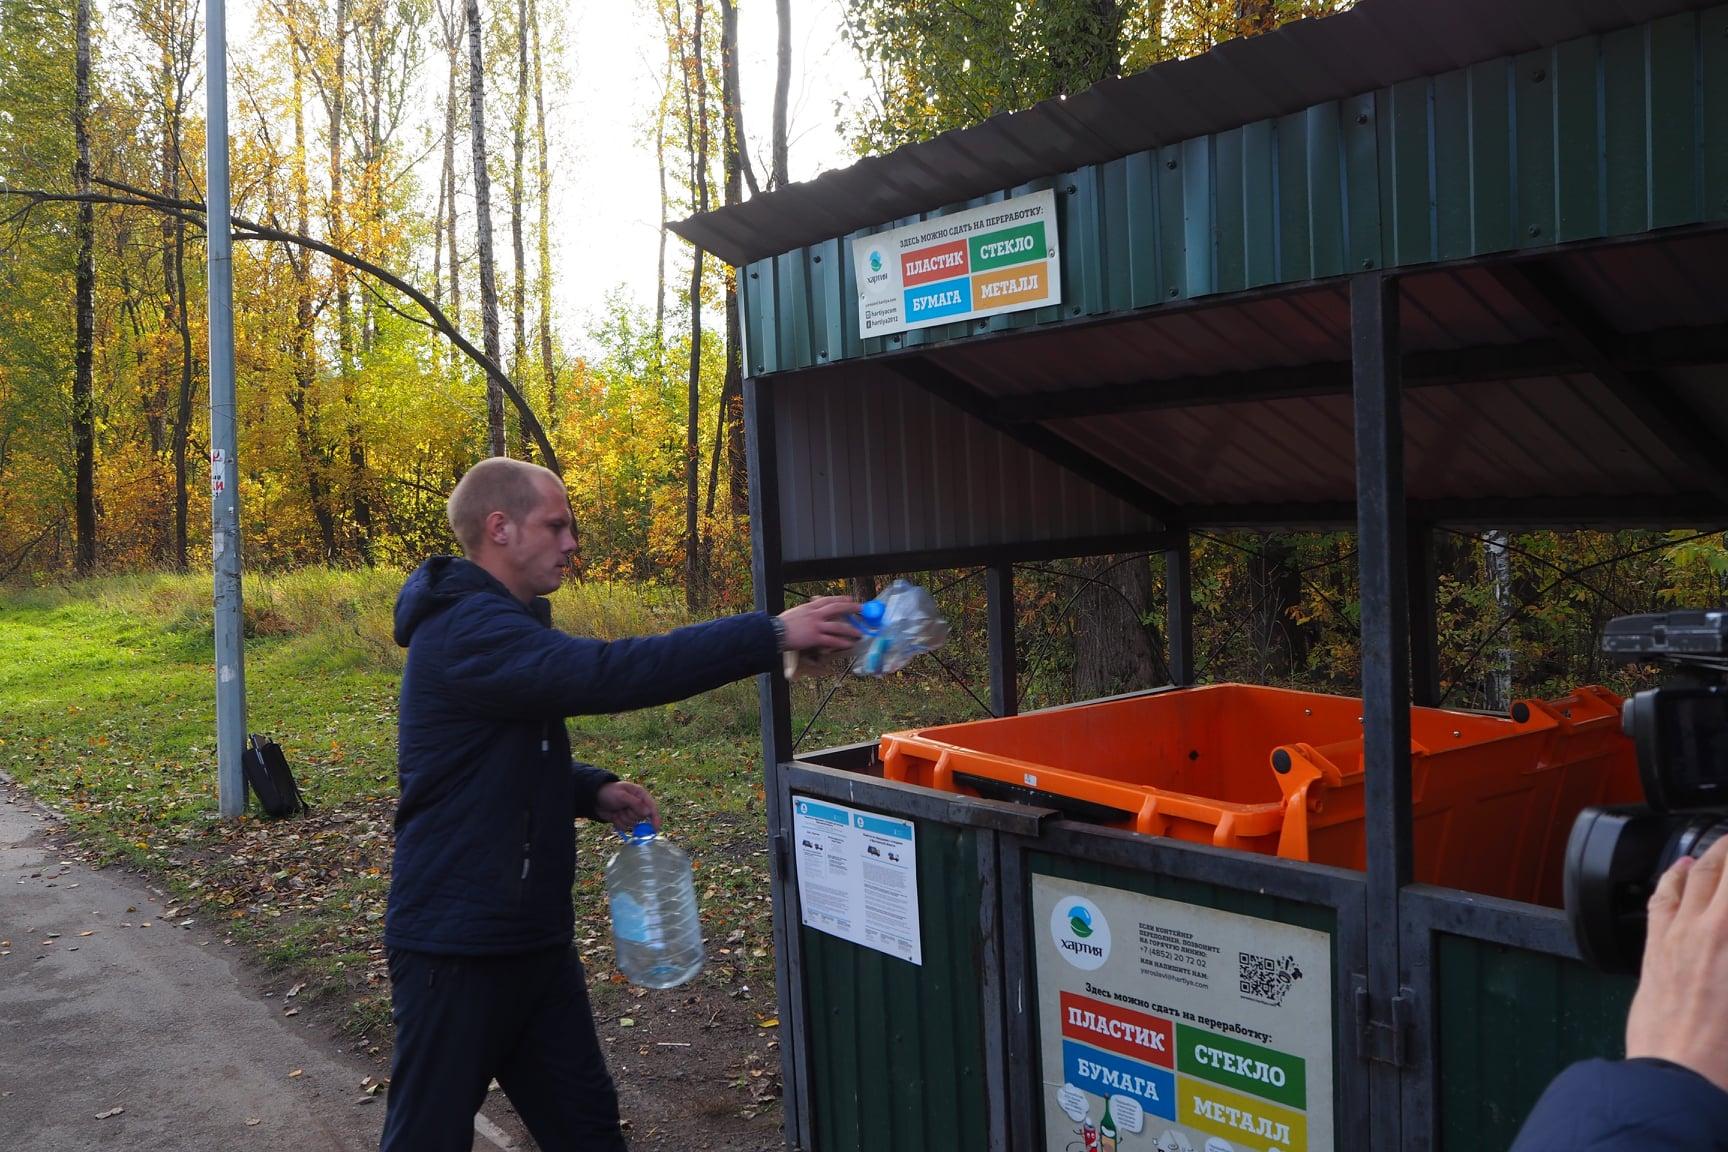 Ярославская область заняла пятое место в топ-15 регионов по раздельному сбору отходов